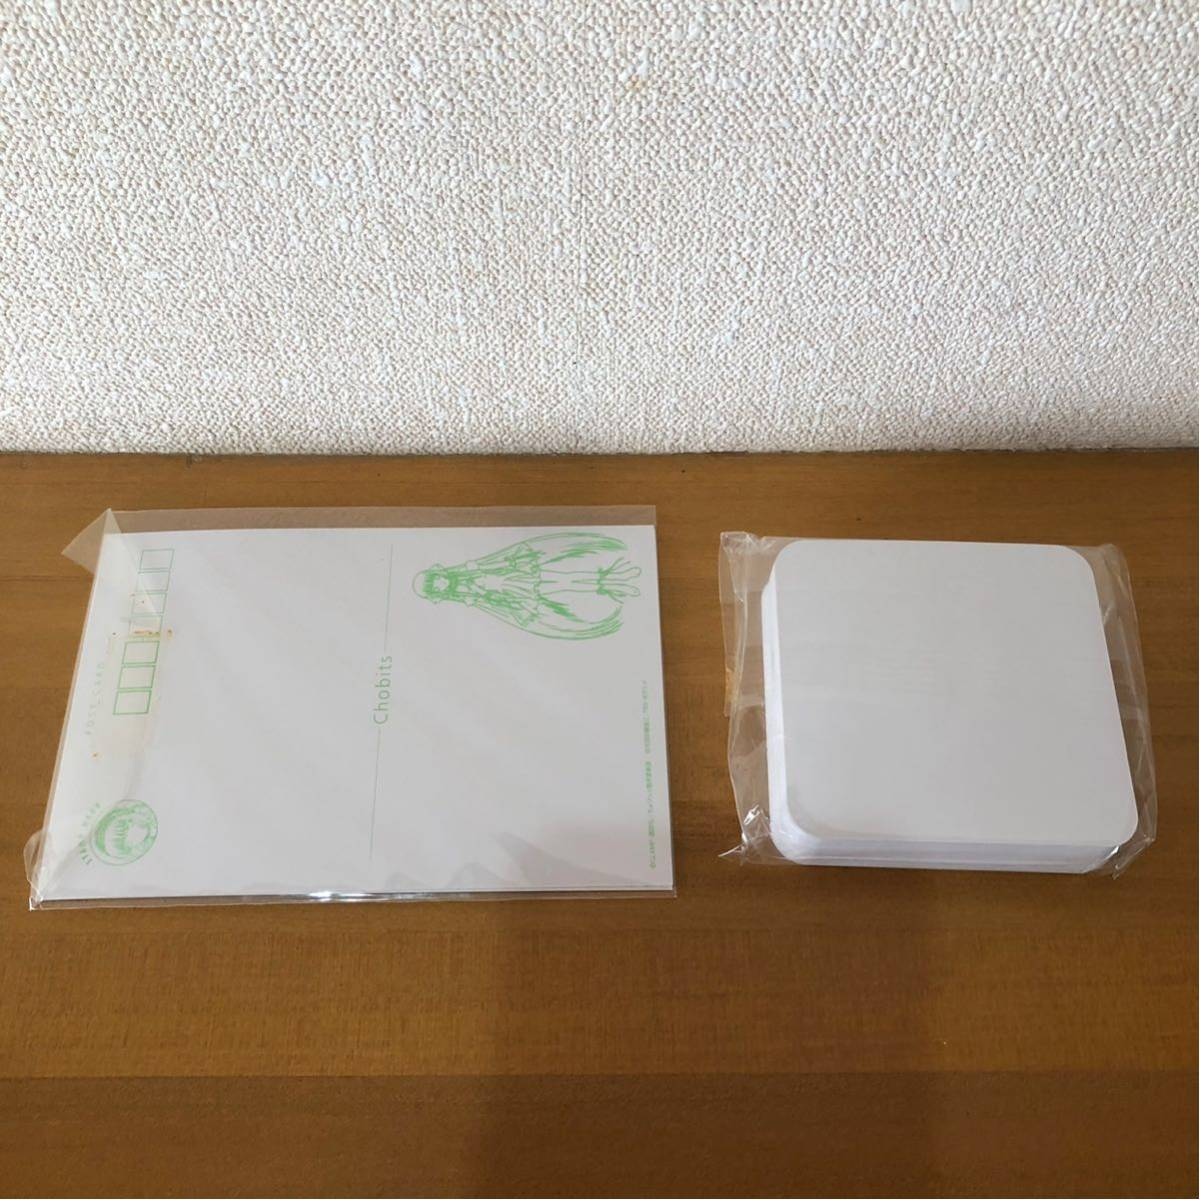 【未開封品あり】ちょびっツ デジタルファンボックス2_画像4